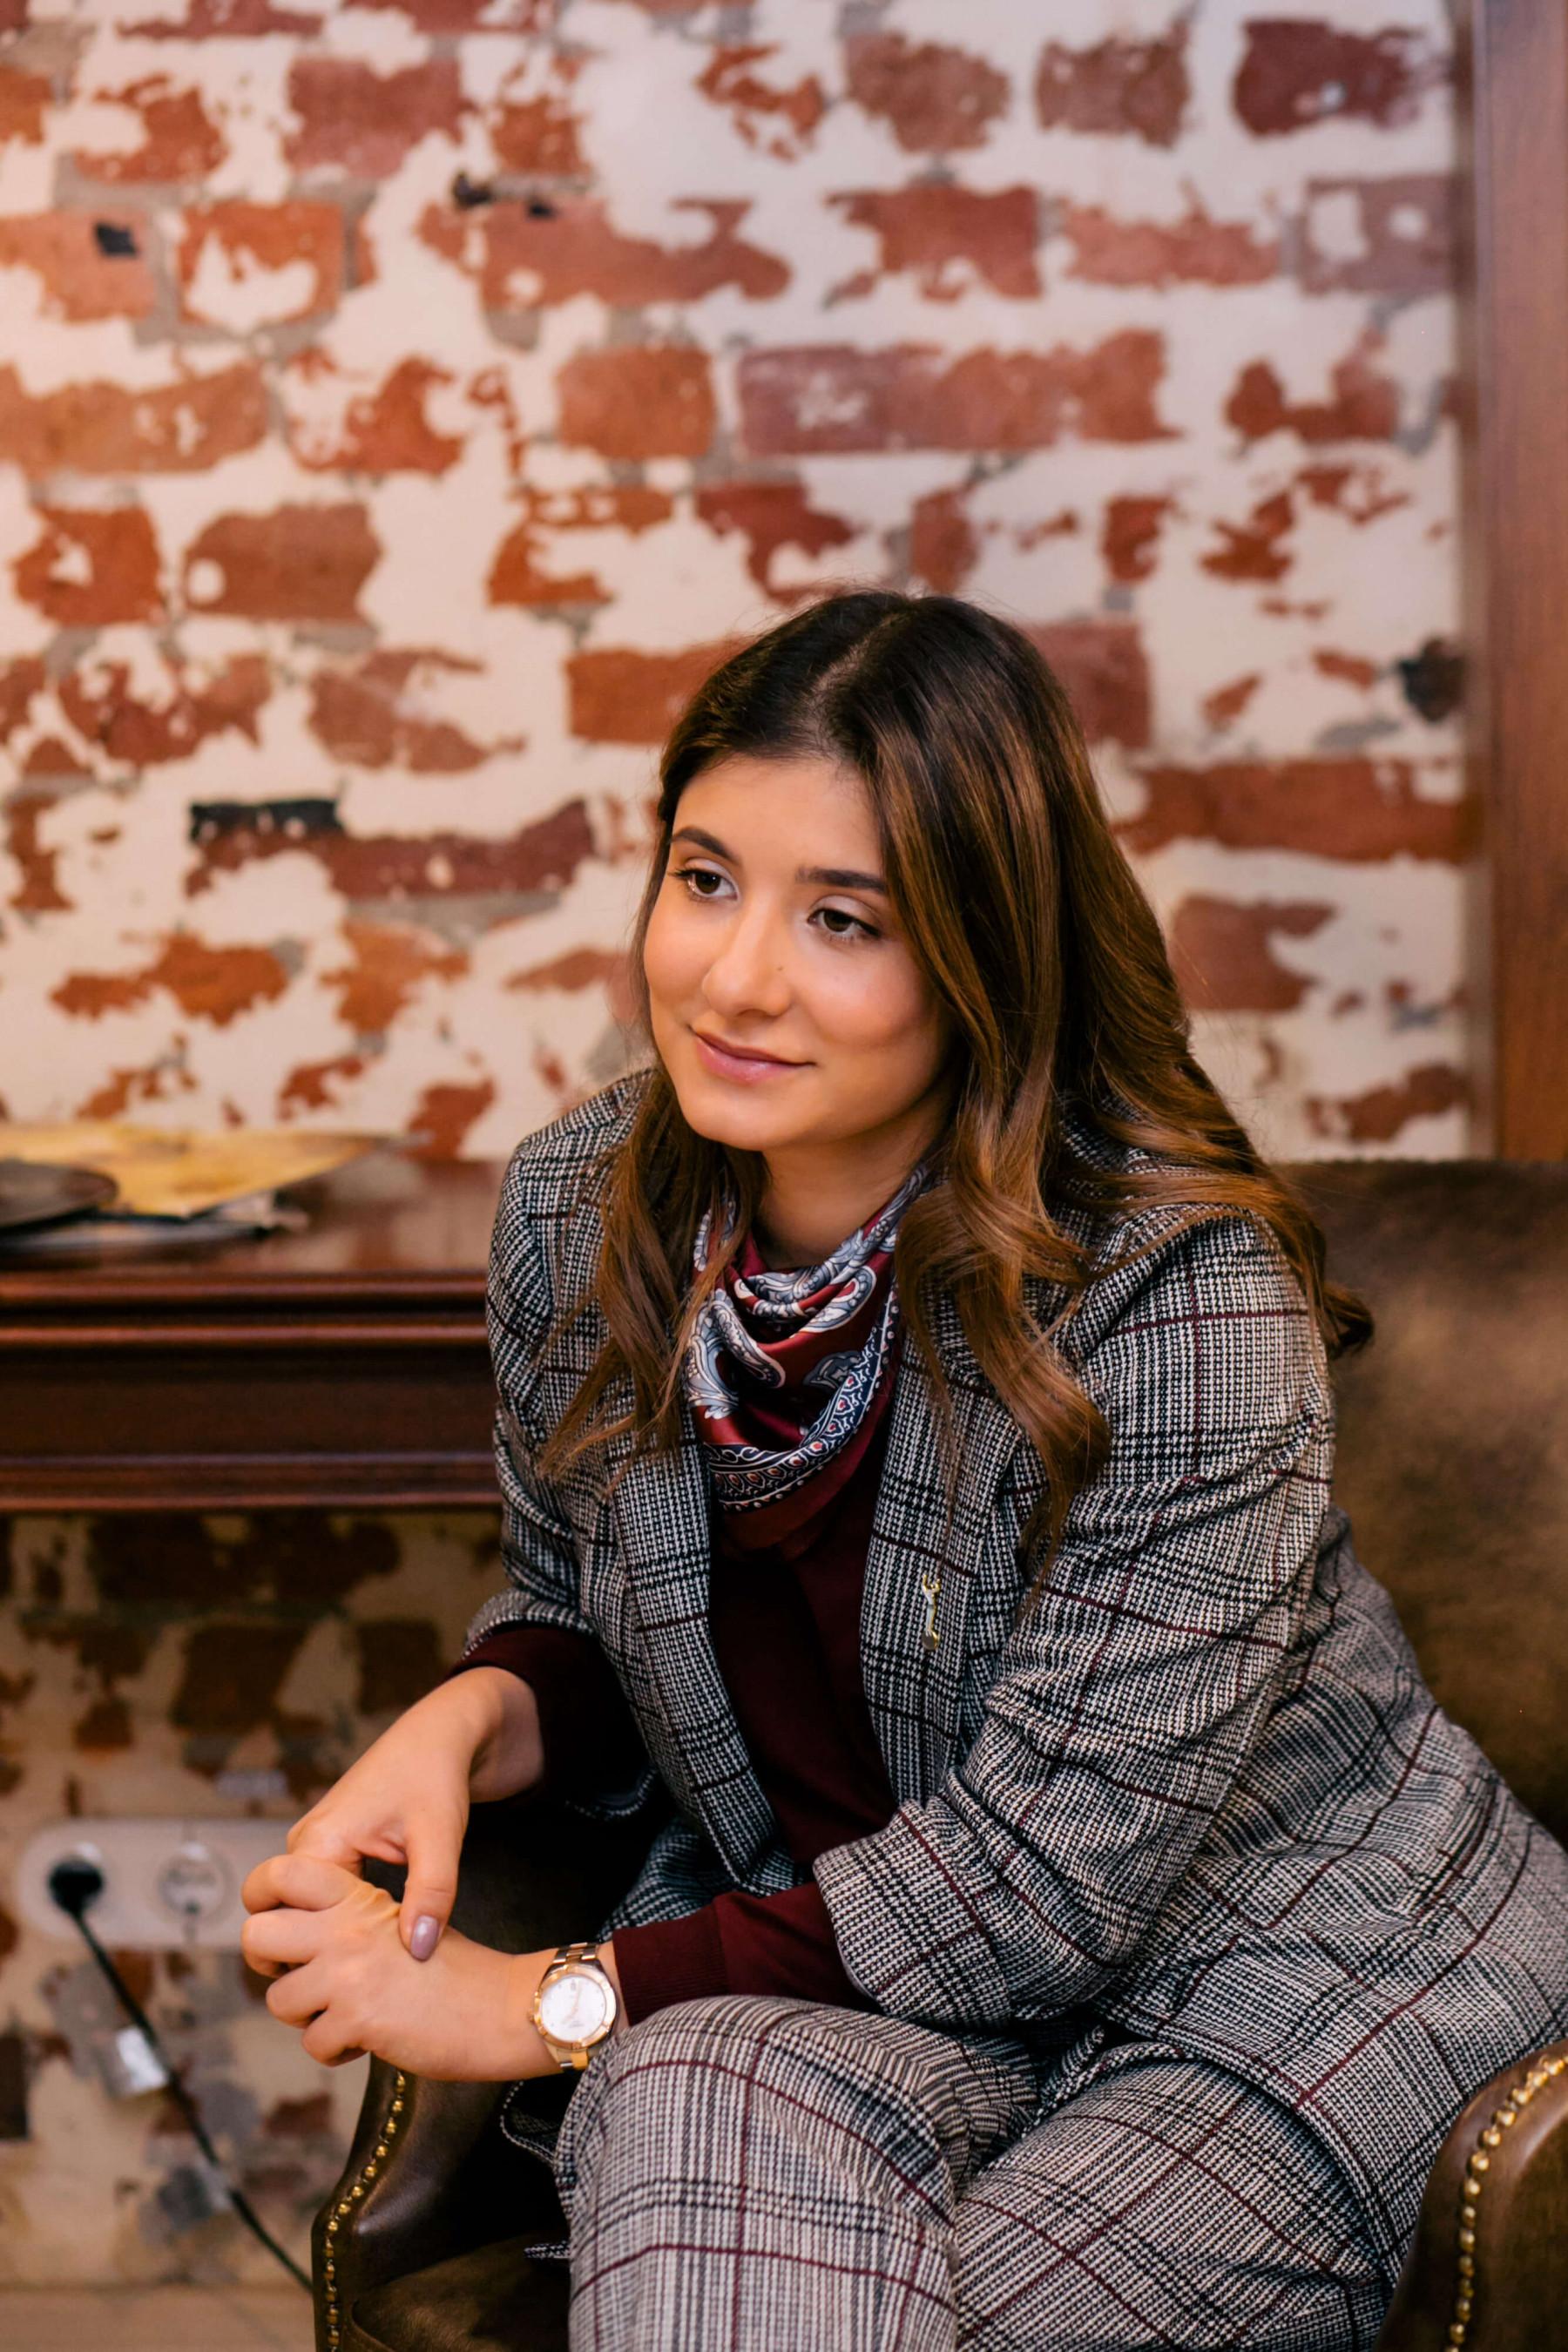 Маргарита Батикян: интервью о команде и о